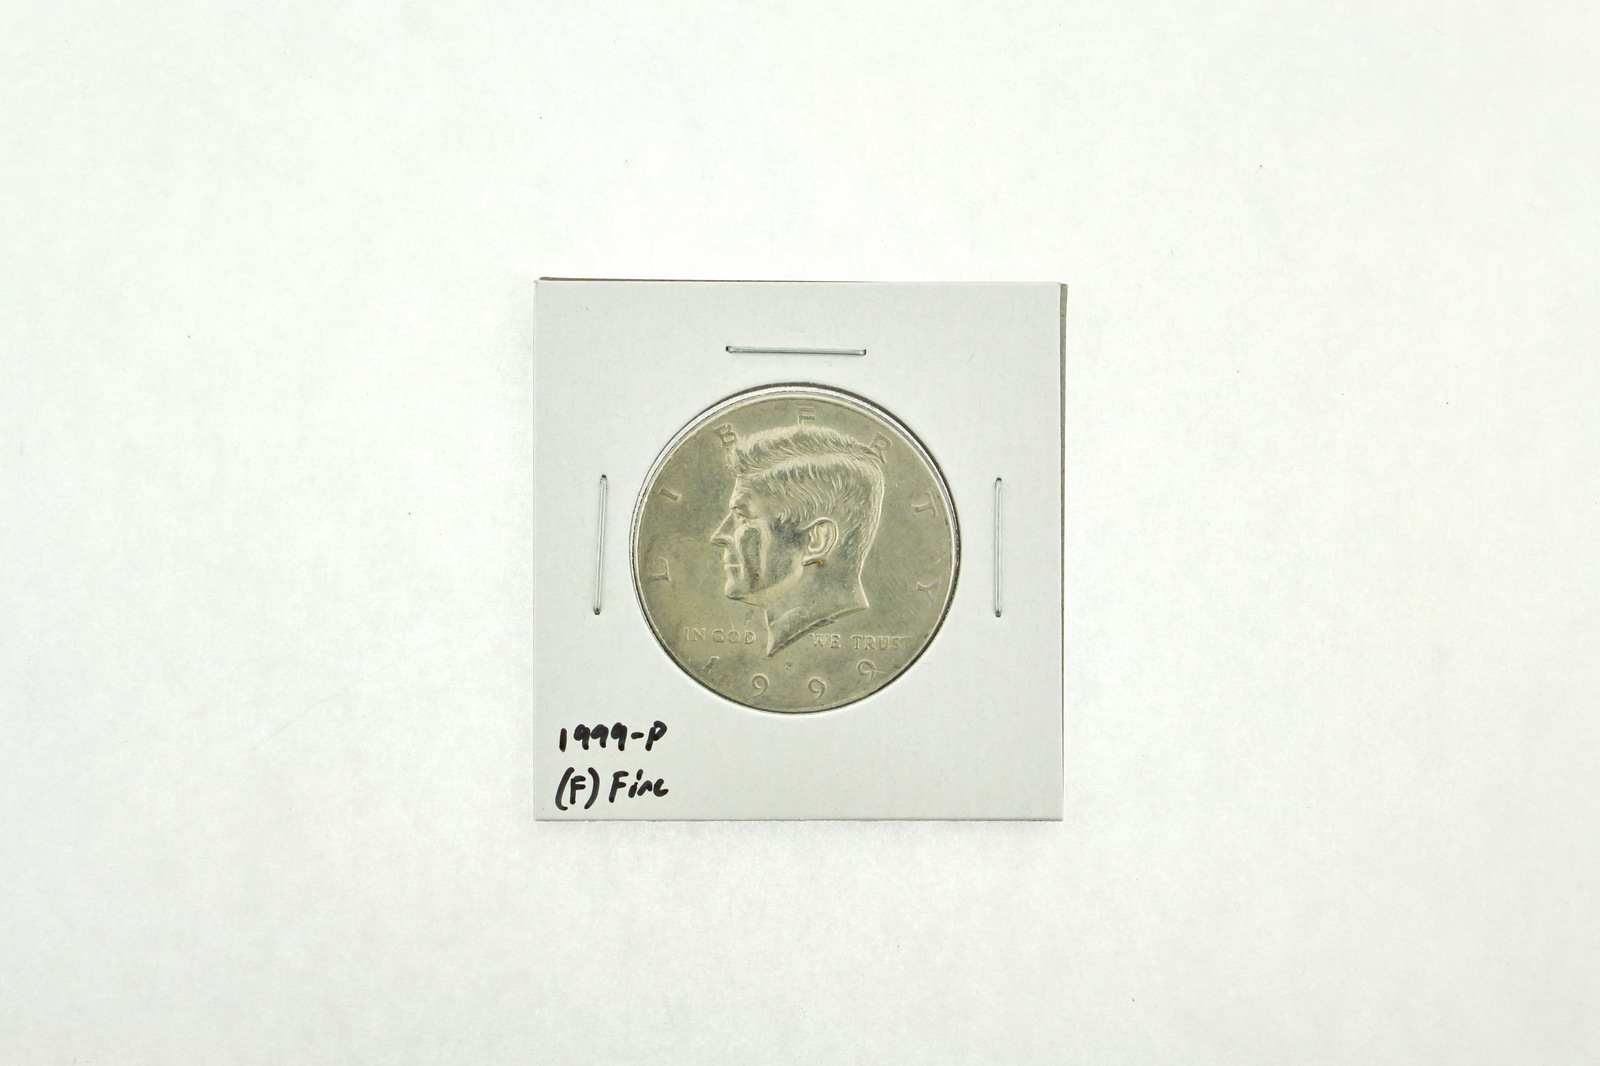 1999-P Kennedy Half Dollar (F) Fine N2-3981-5